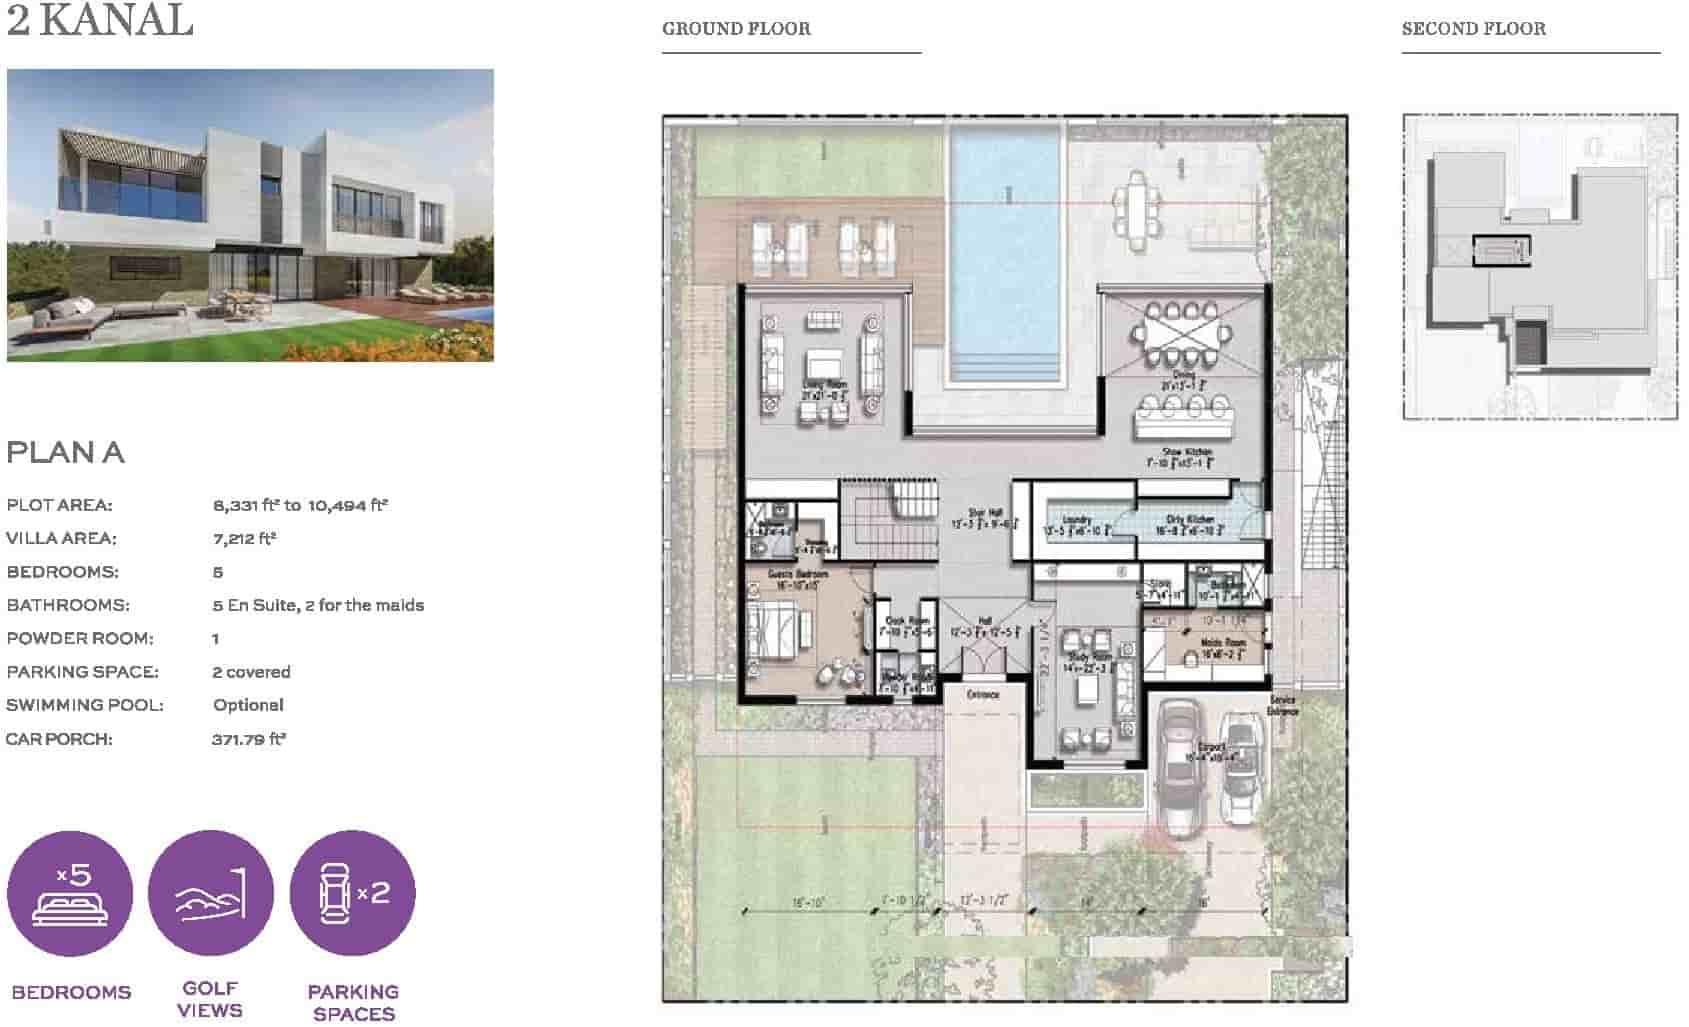 Eighteen 2 Kanal Villa Layout Plan A